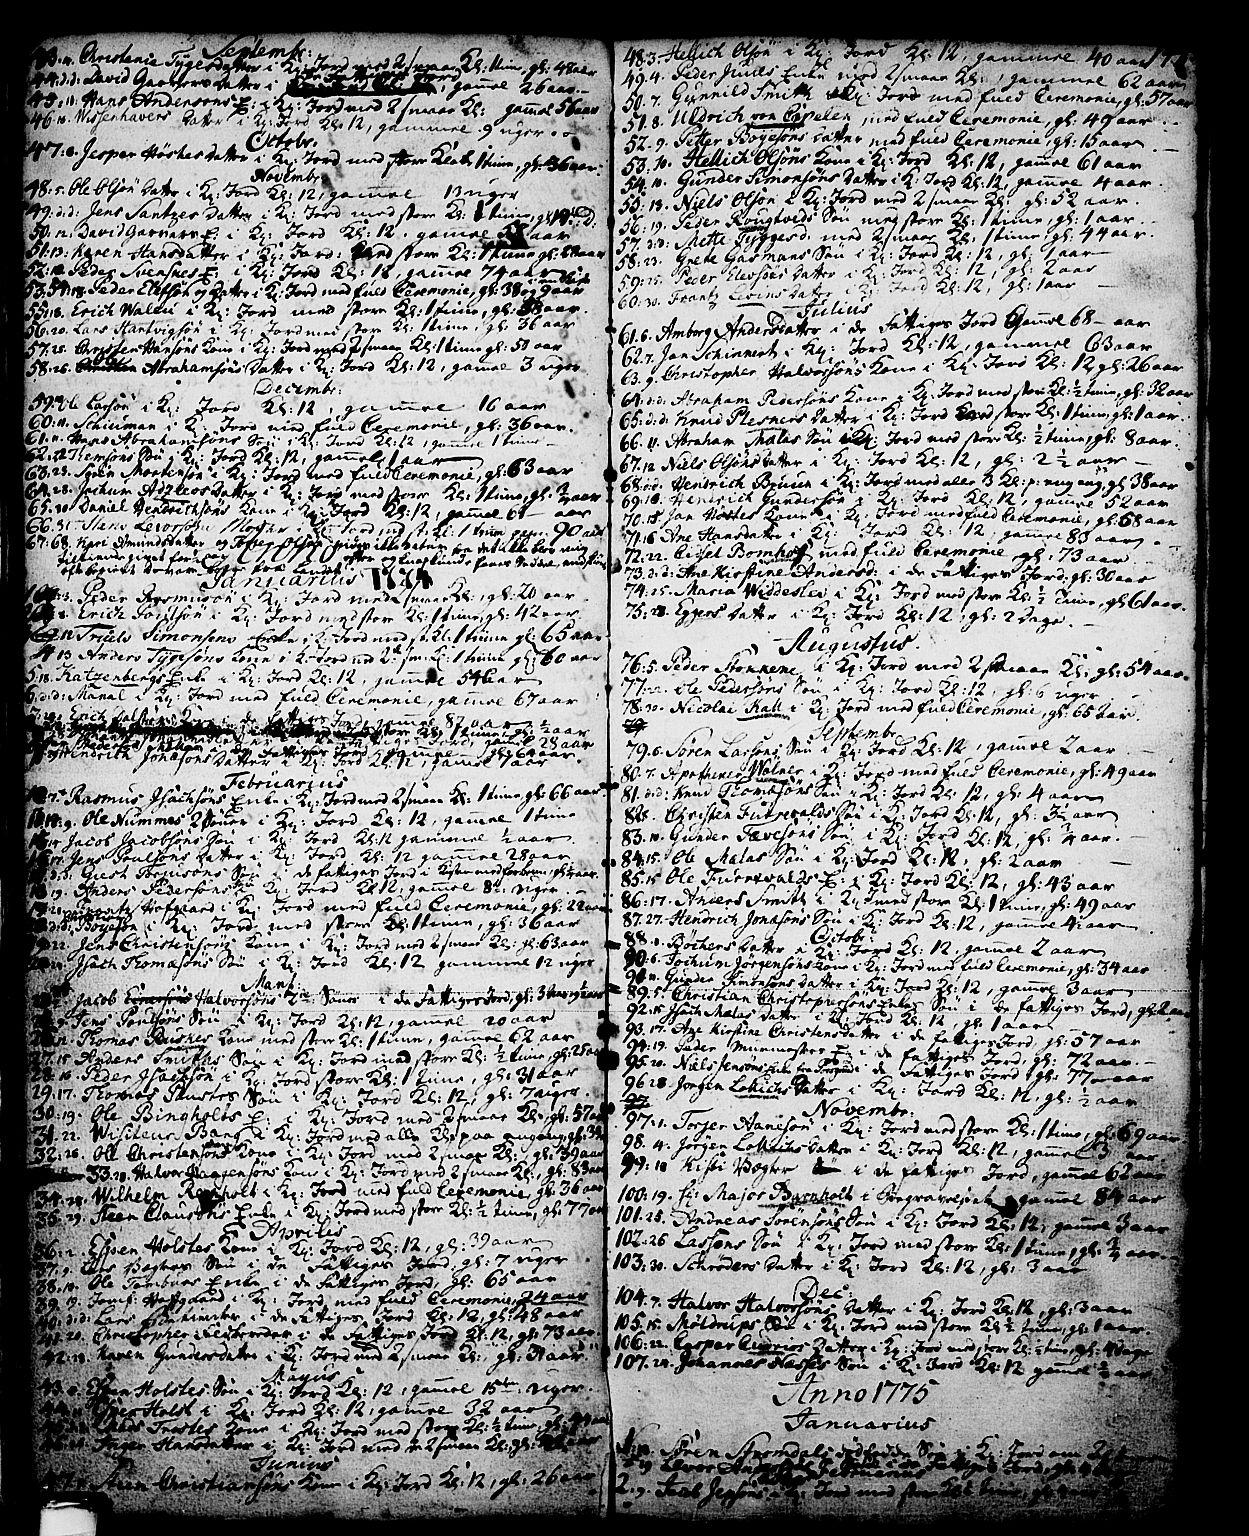 SAKO, Skien kirkebøker, G/Ga/L0001: Klokkerbok nr. 1, 1756-1791, s. 148